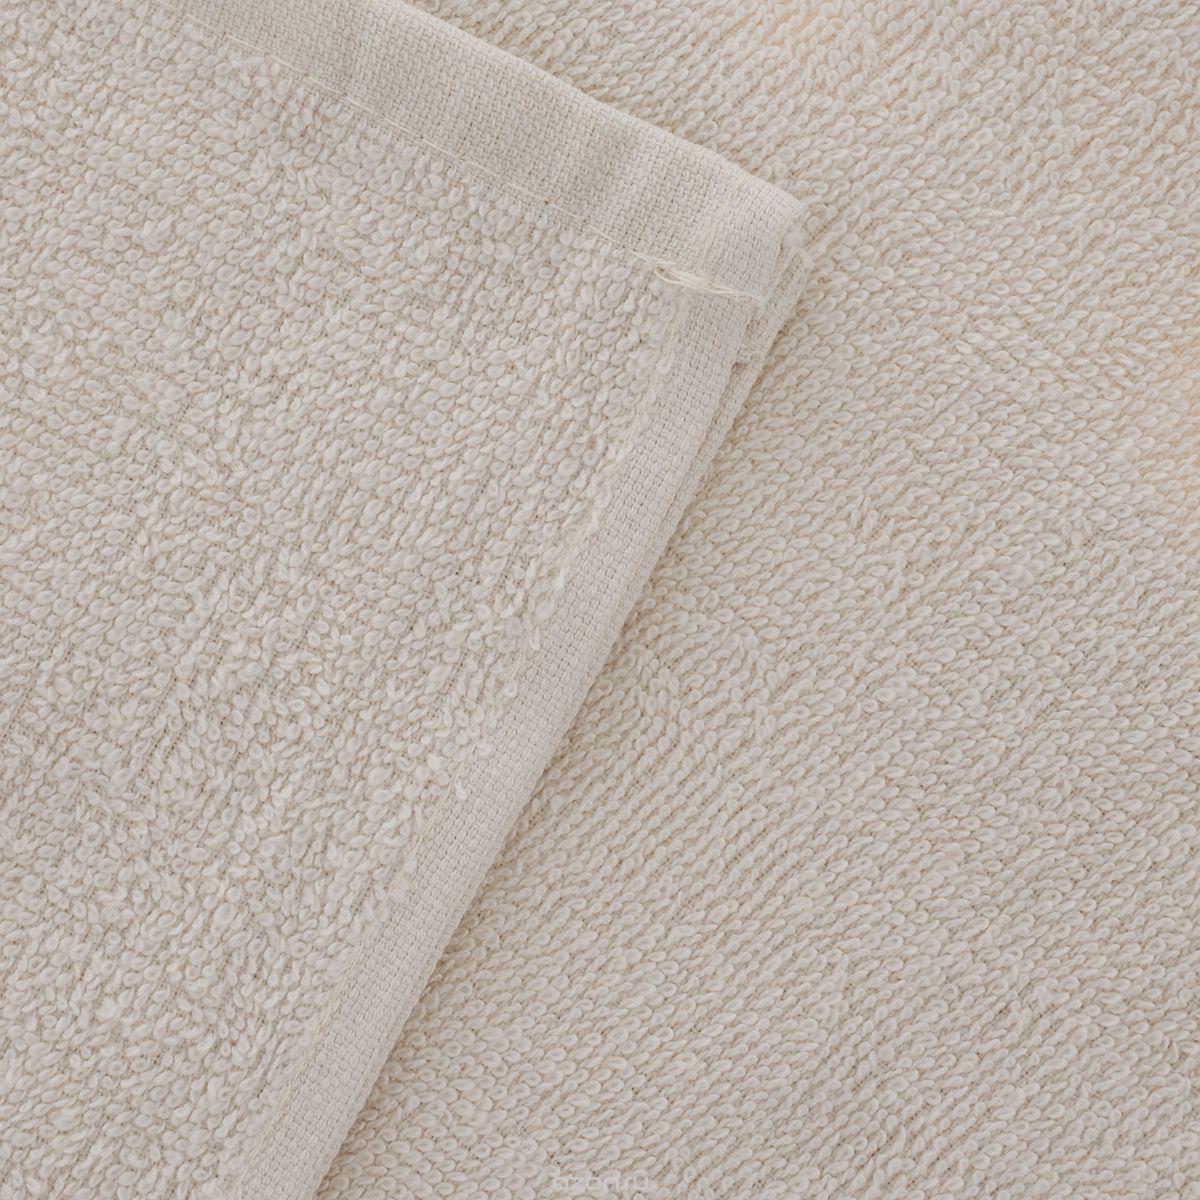 """Полотенце """"Aisha Home Textile"""" выполнено из натуральной махровой ткани (100% хлопок). Изделие  отлично впитывает влагу, быстро сохнет, сохраняет яркость цвета и не теряет форму даже после  многократных стирок.  Полотенце очень практично и неприхотливо в уходе. Оно создаст прекрасное настроение и  украсит интерьер в ванной комнате."""